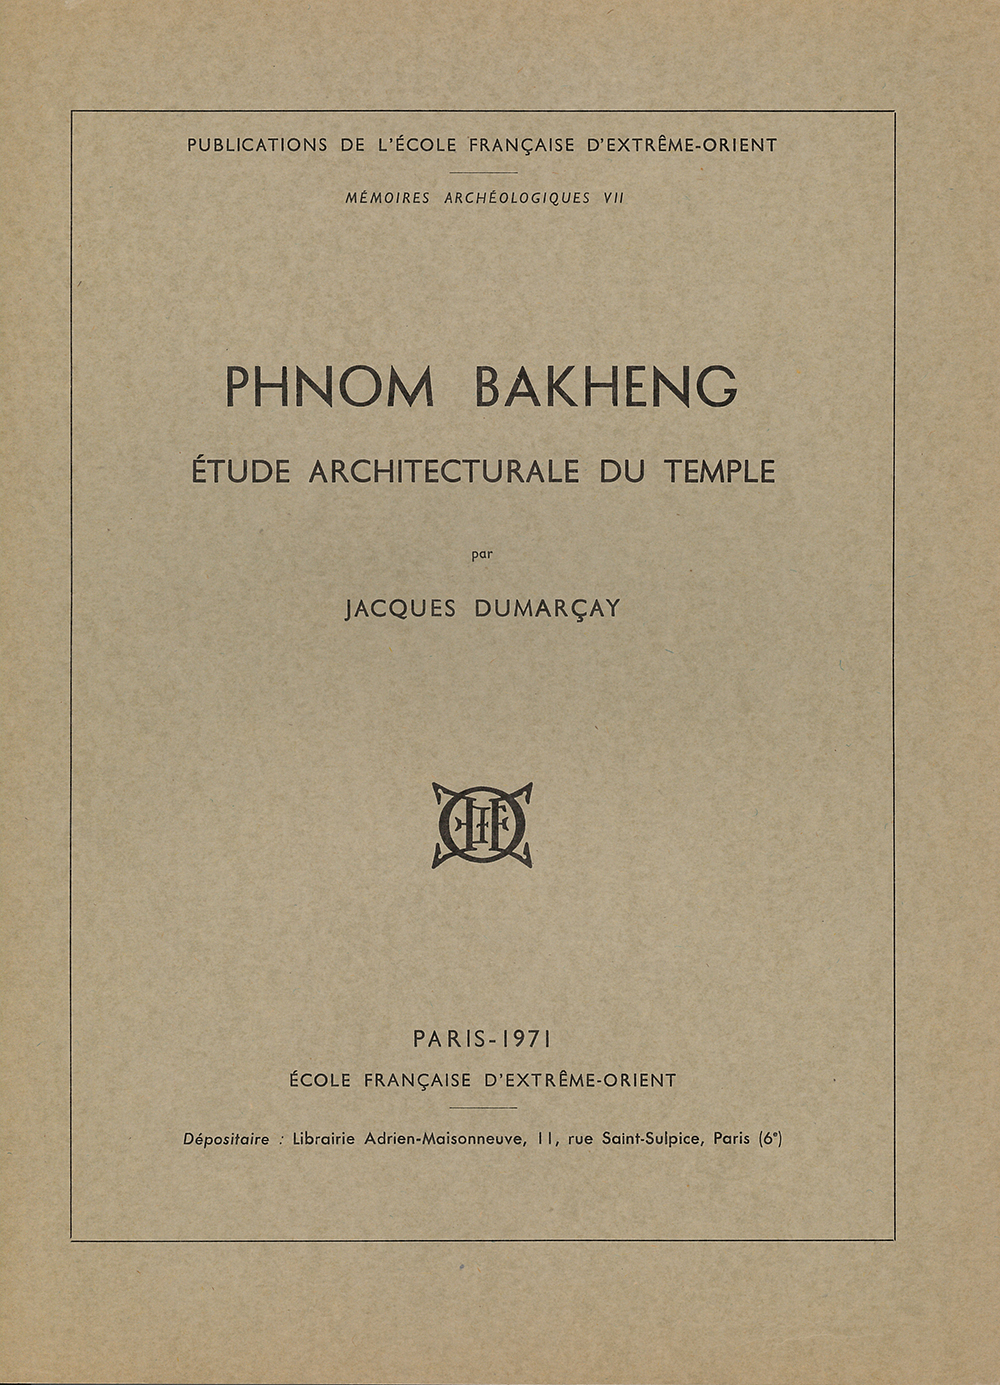 Phnom Bakheng : Étude architecturale du temple